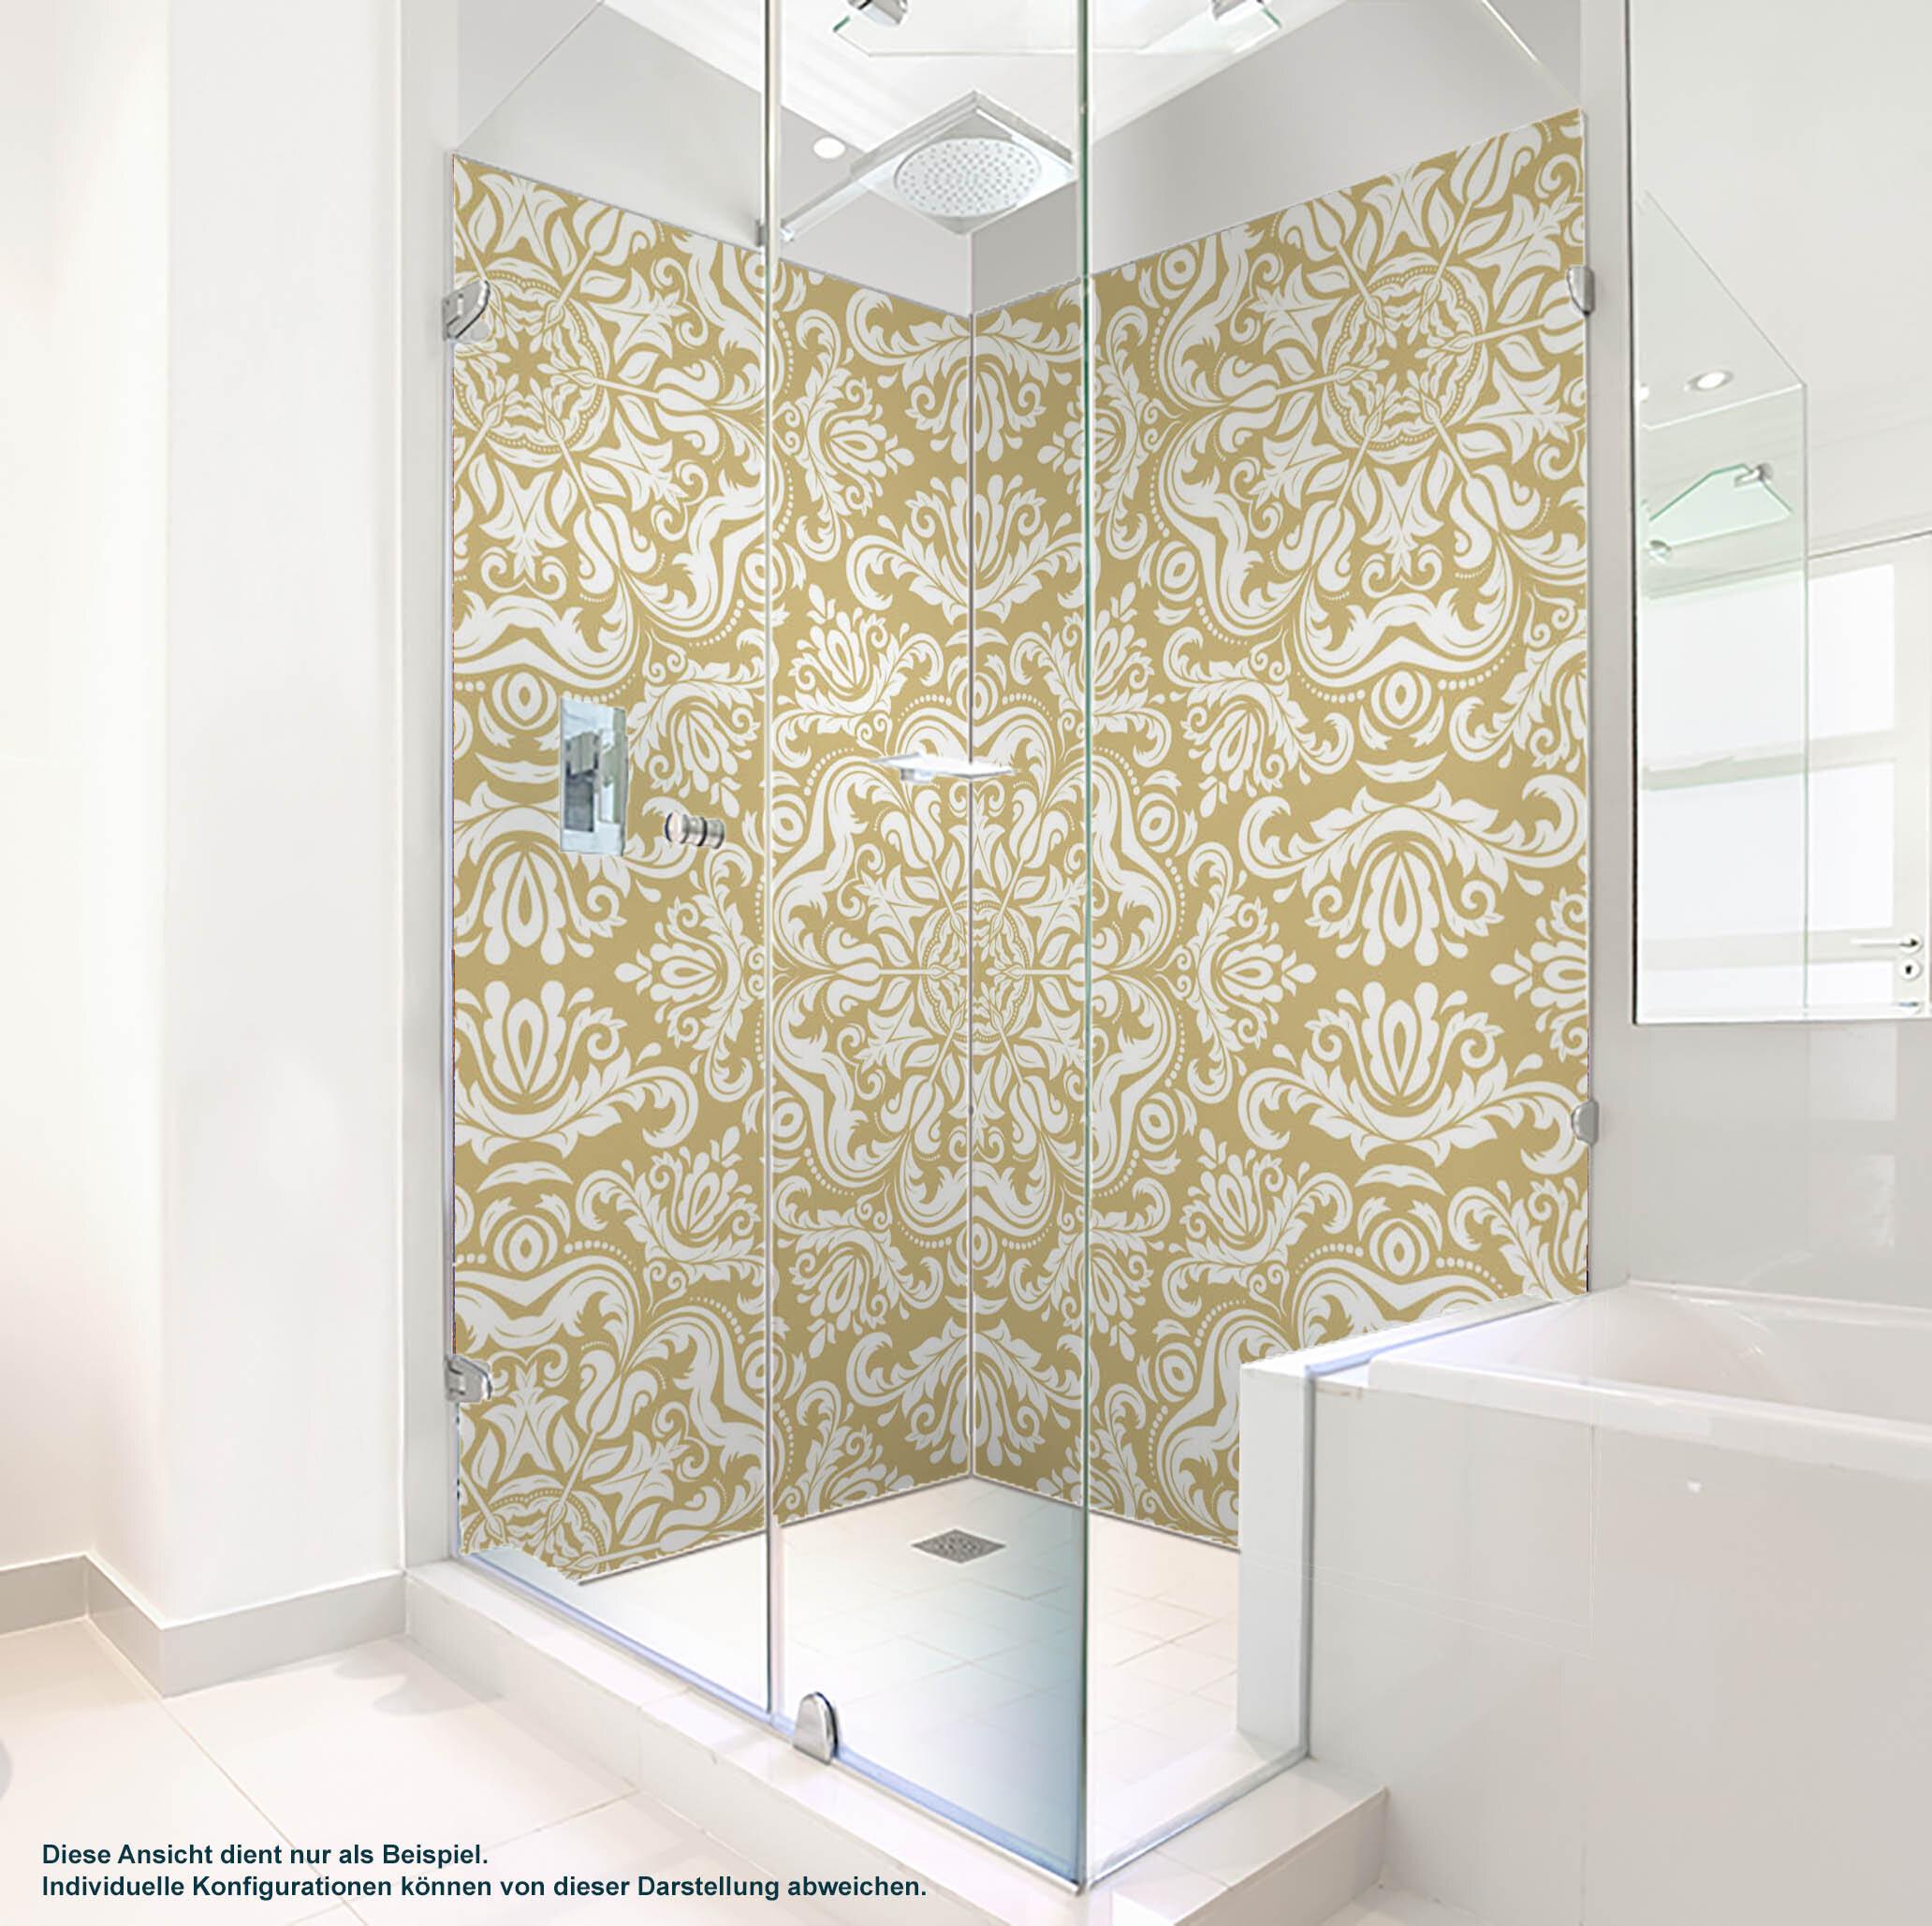 Dusche PlateART Duschrückwand mit Motiv Ornament Beige